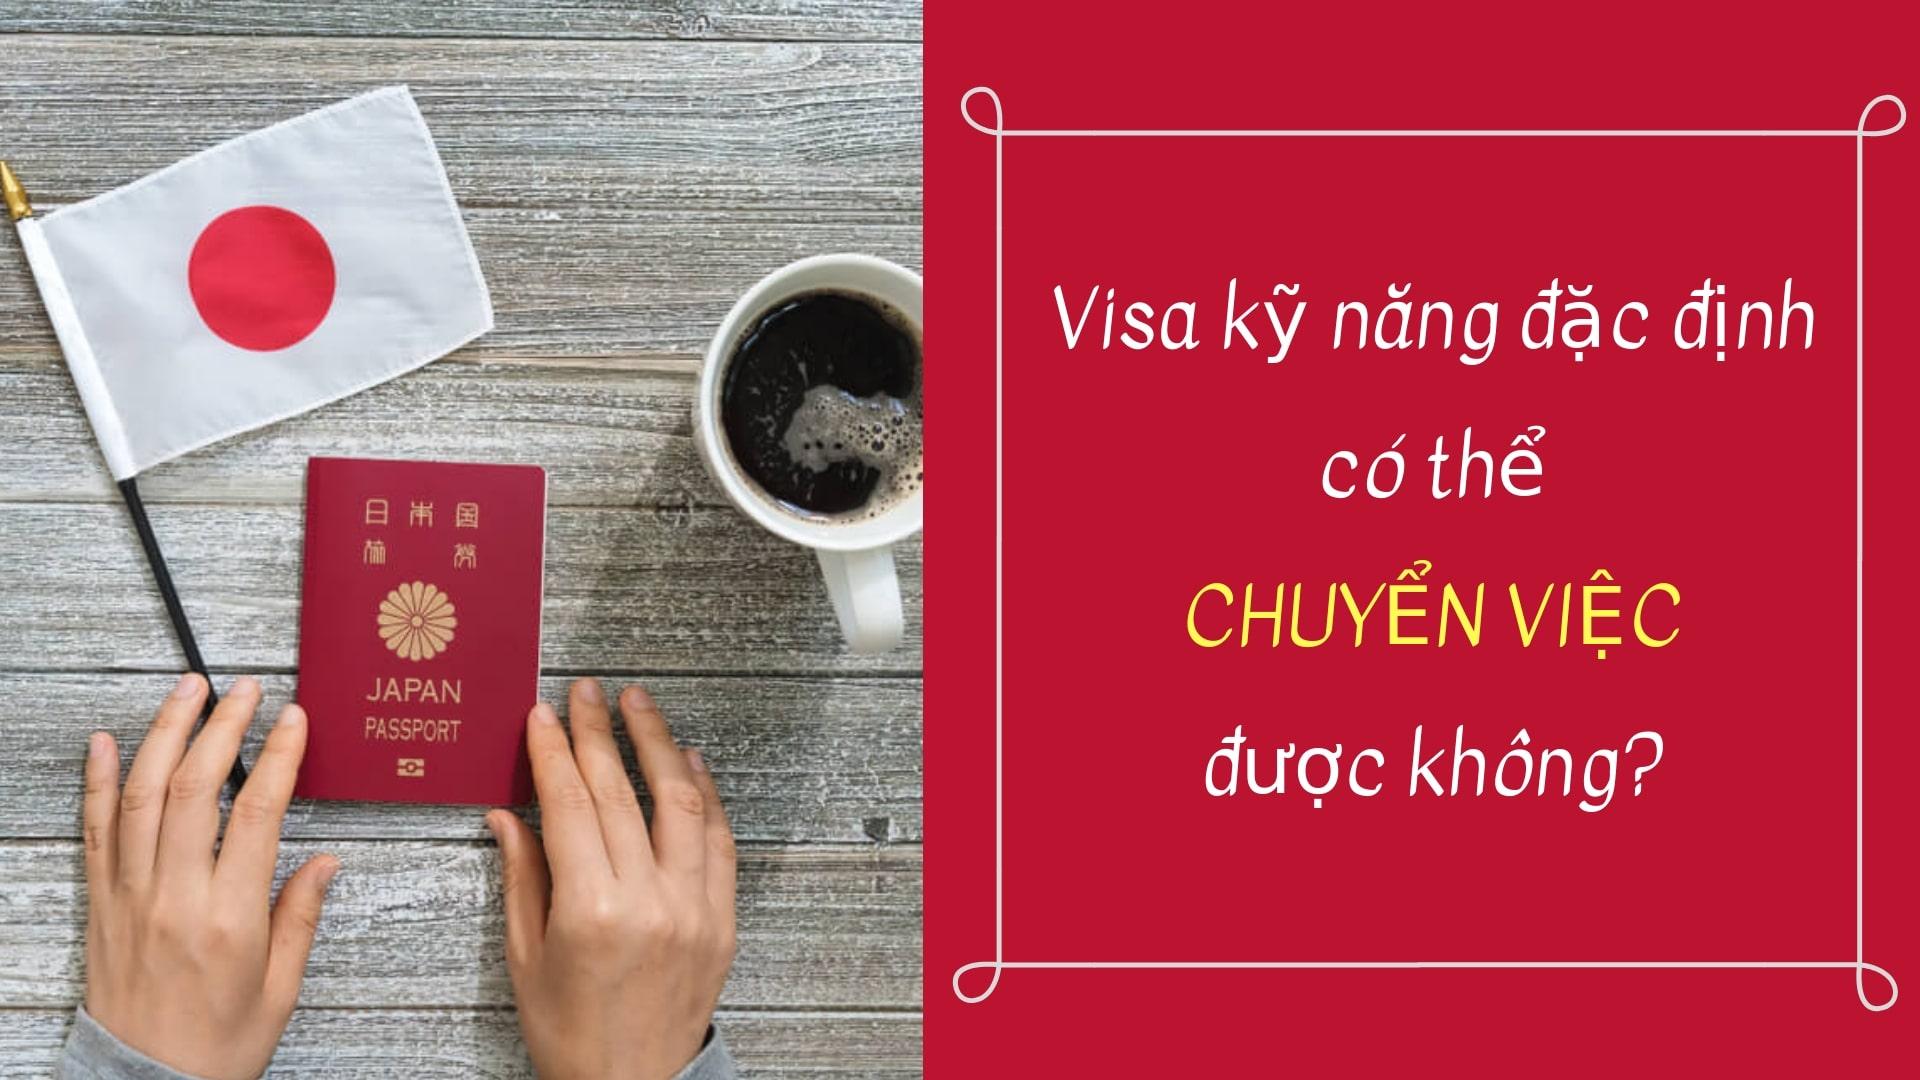 Visa kỹ năng đặc định có thể CHUYỂN VIỆC được không?